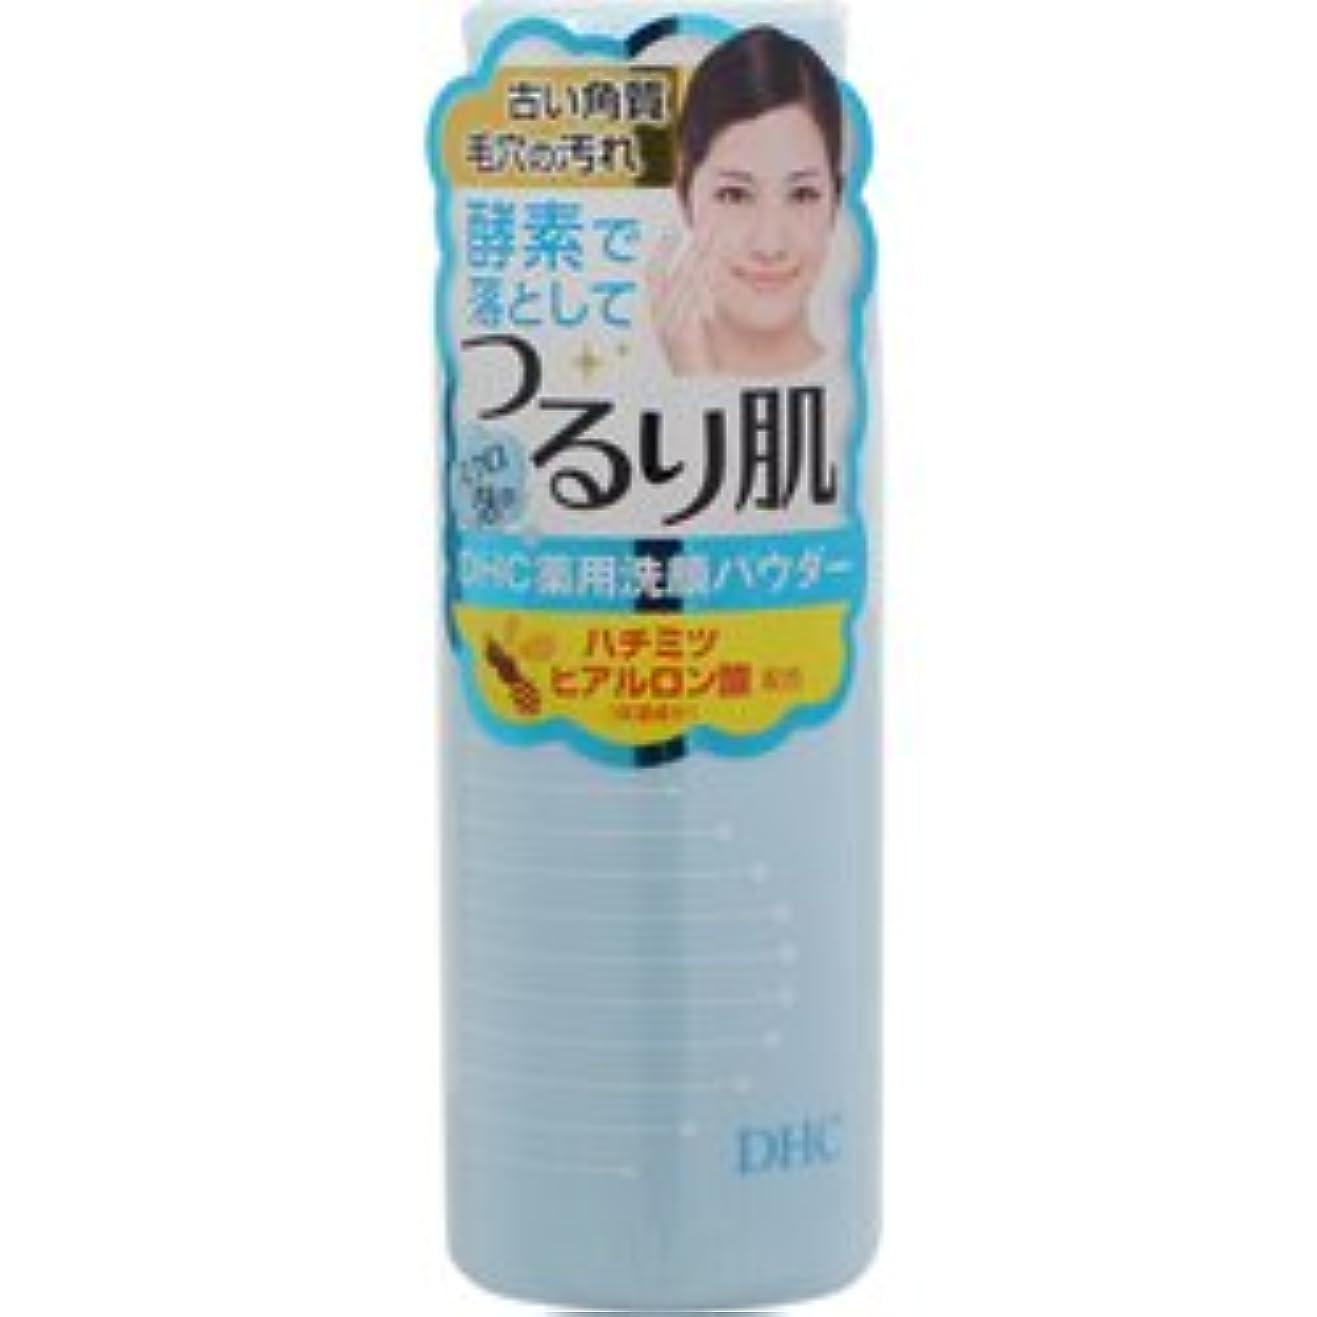 ヒゲ応用到着する【DHC】薬用洗顔パウダーSS 50g ×10個セット